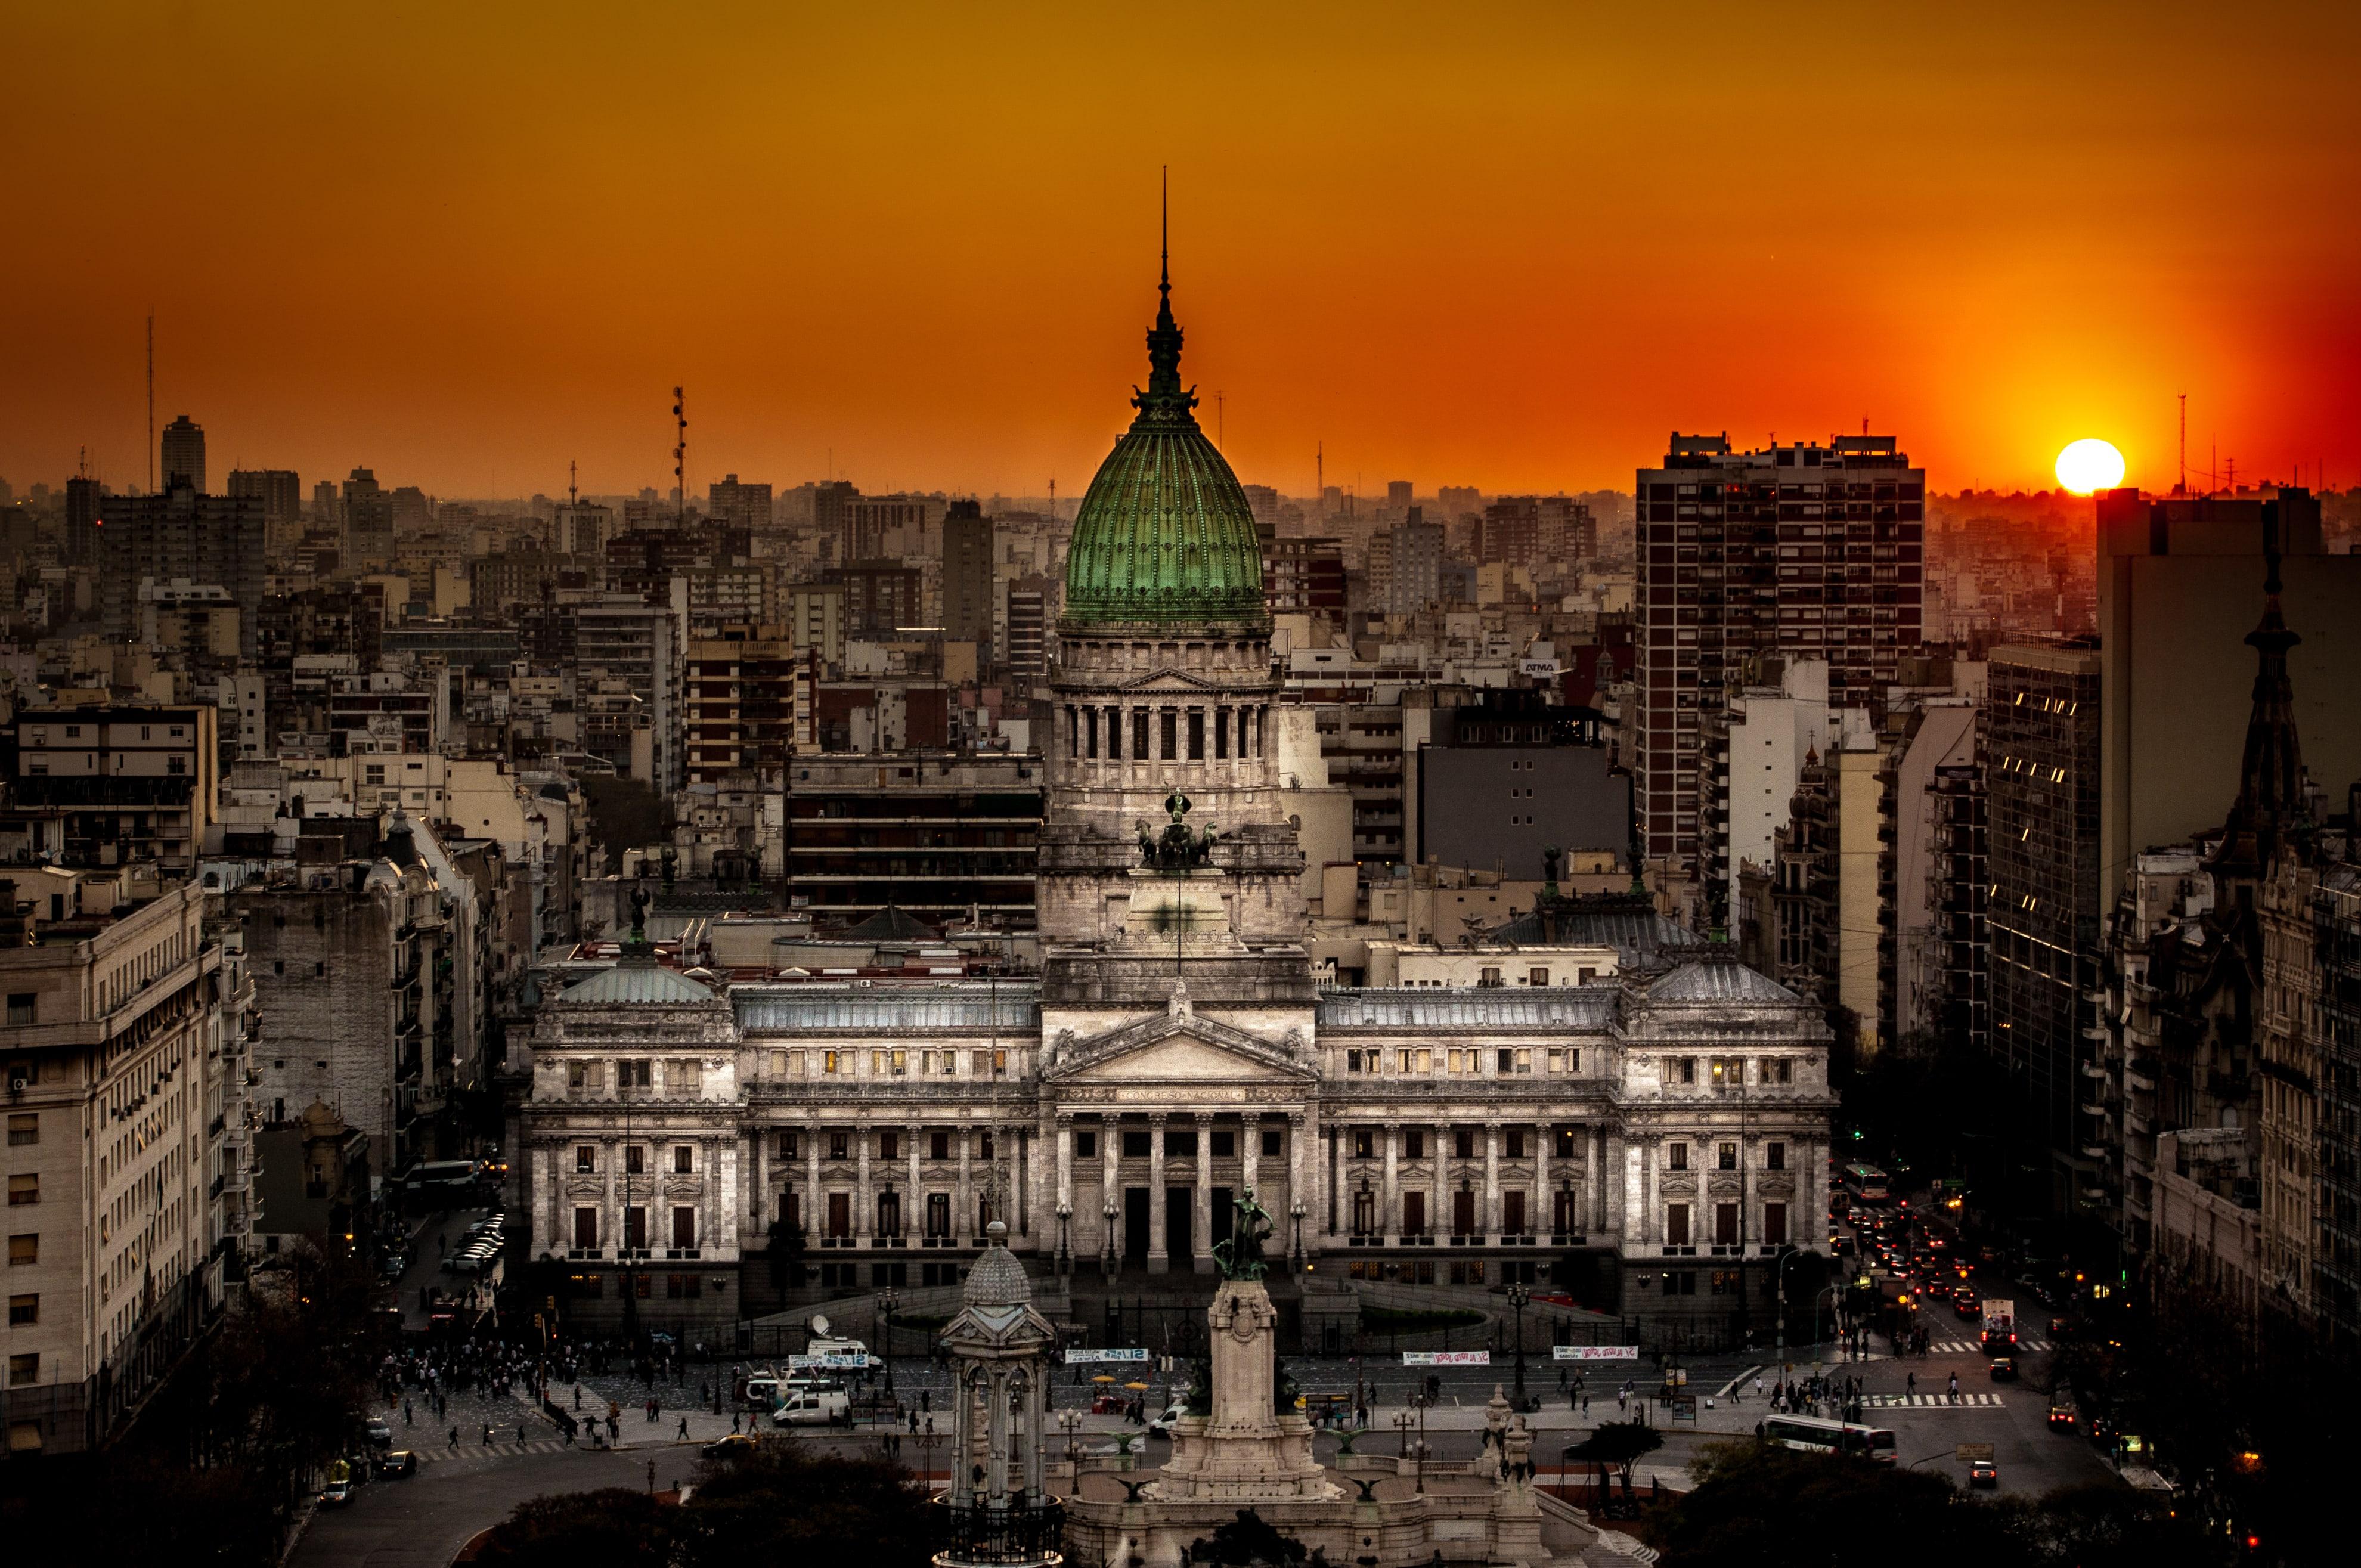 Atardecer_en_el_Congreso_de_la_Nación_Argentina-min